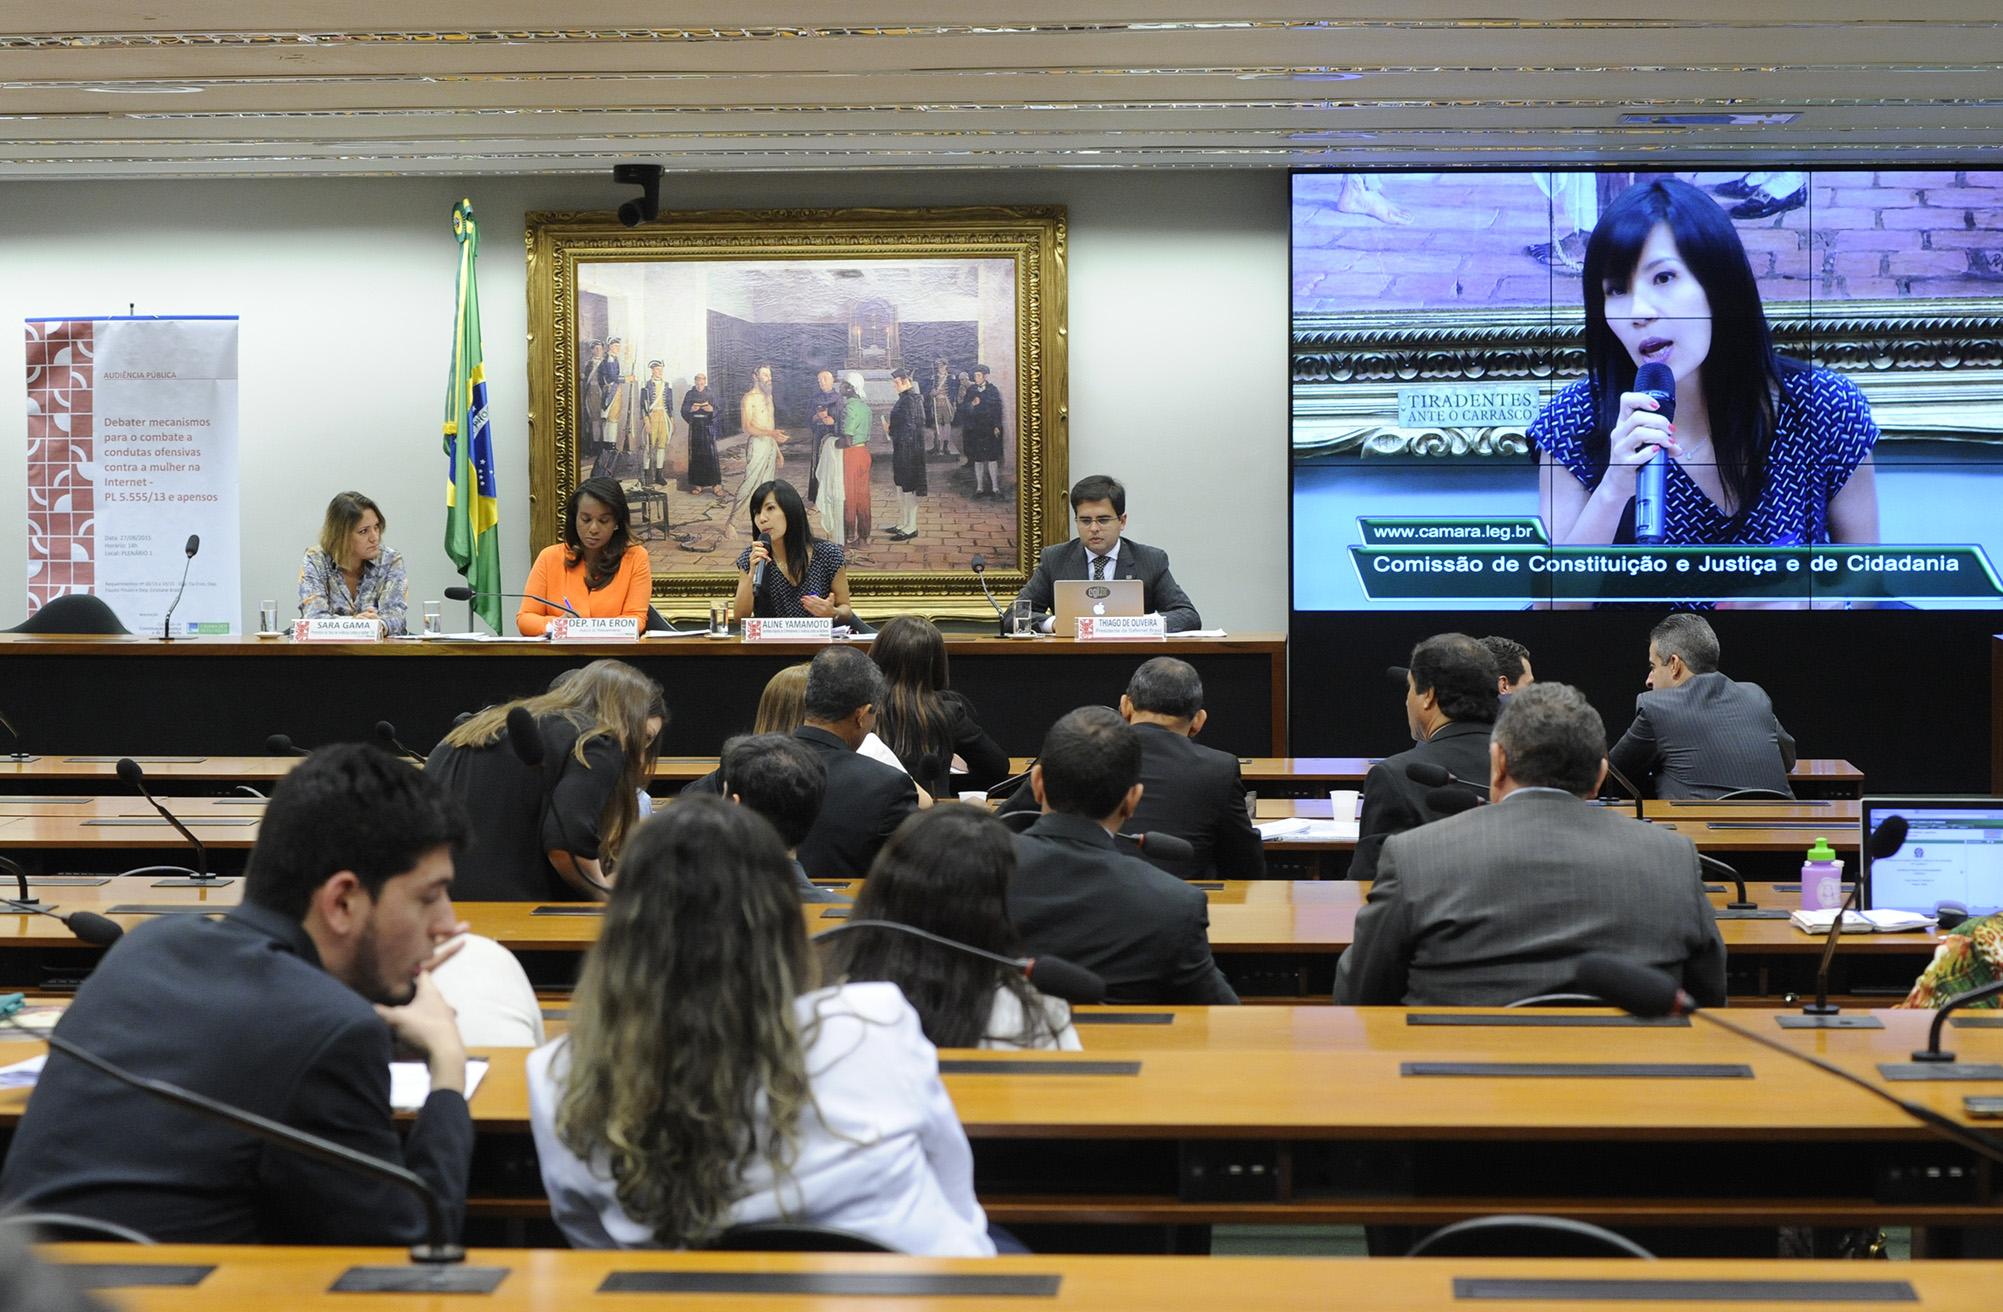 Audiência pública para debater mecanismos para o combate a condutas ofensivas contra a mulher na Internet ou em outros meios de propagação da informação (PL nº 5555/2013 e seus apensados)